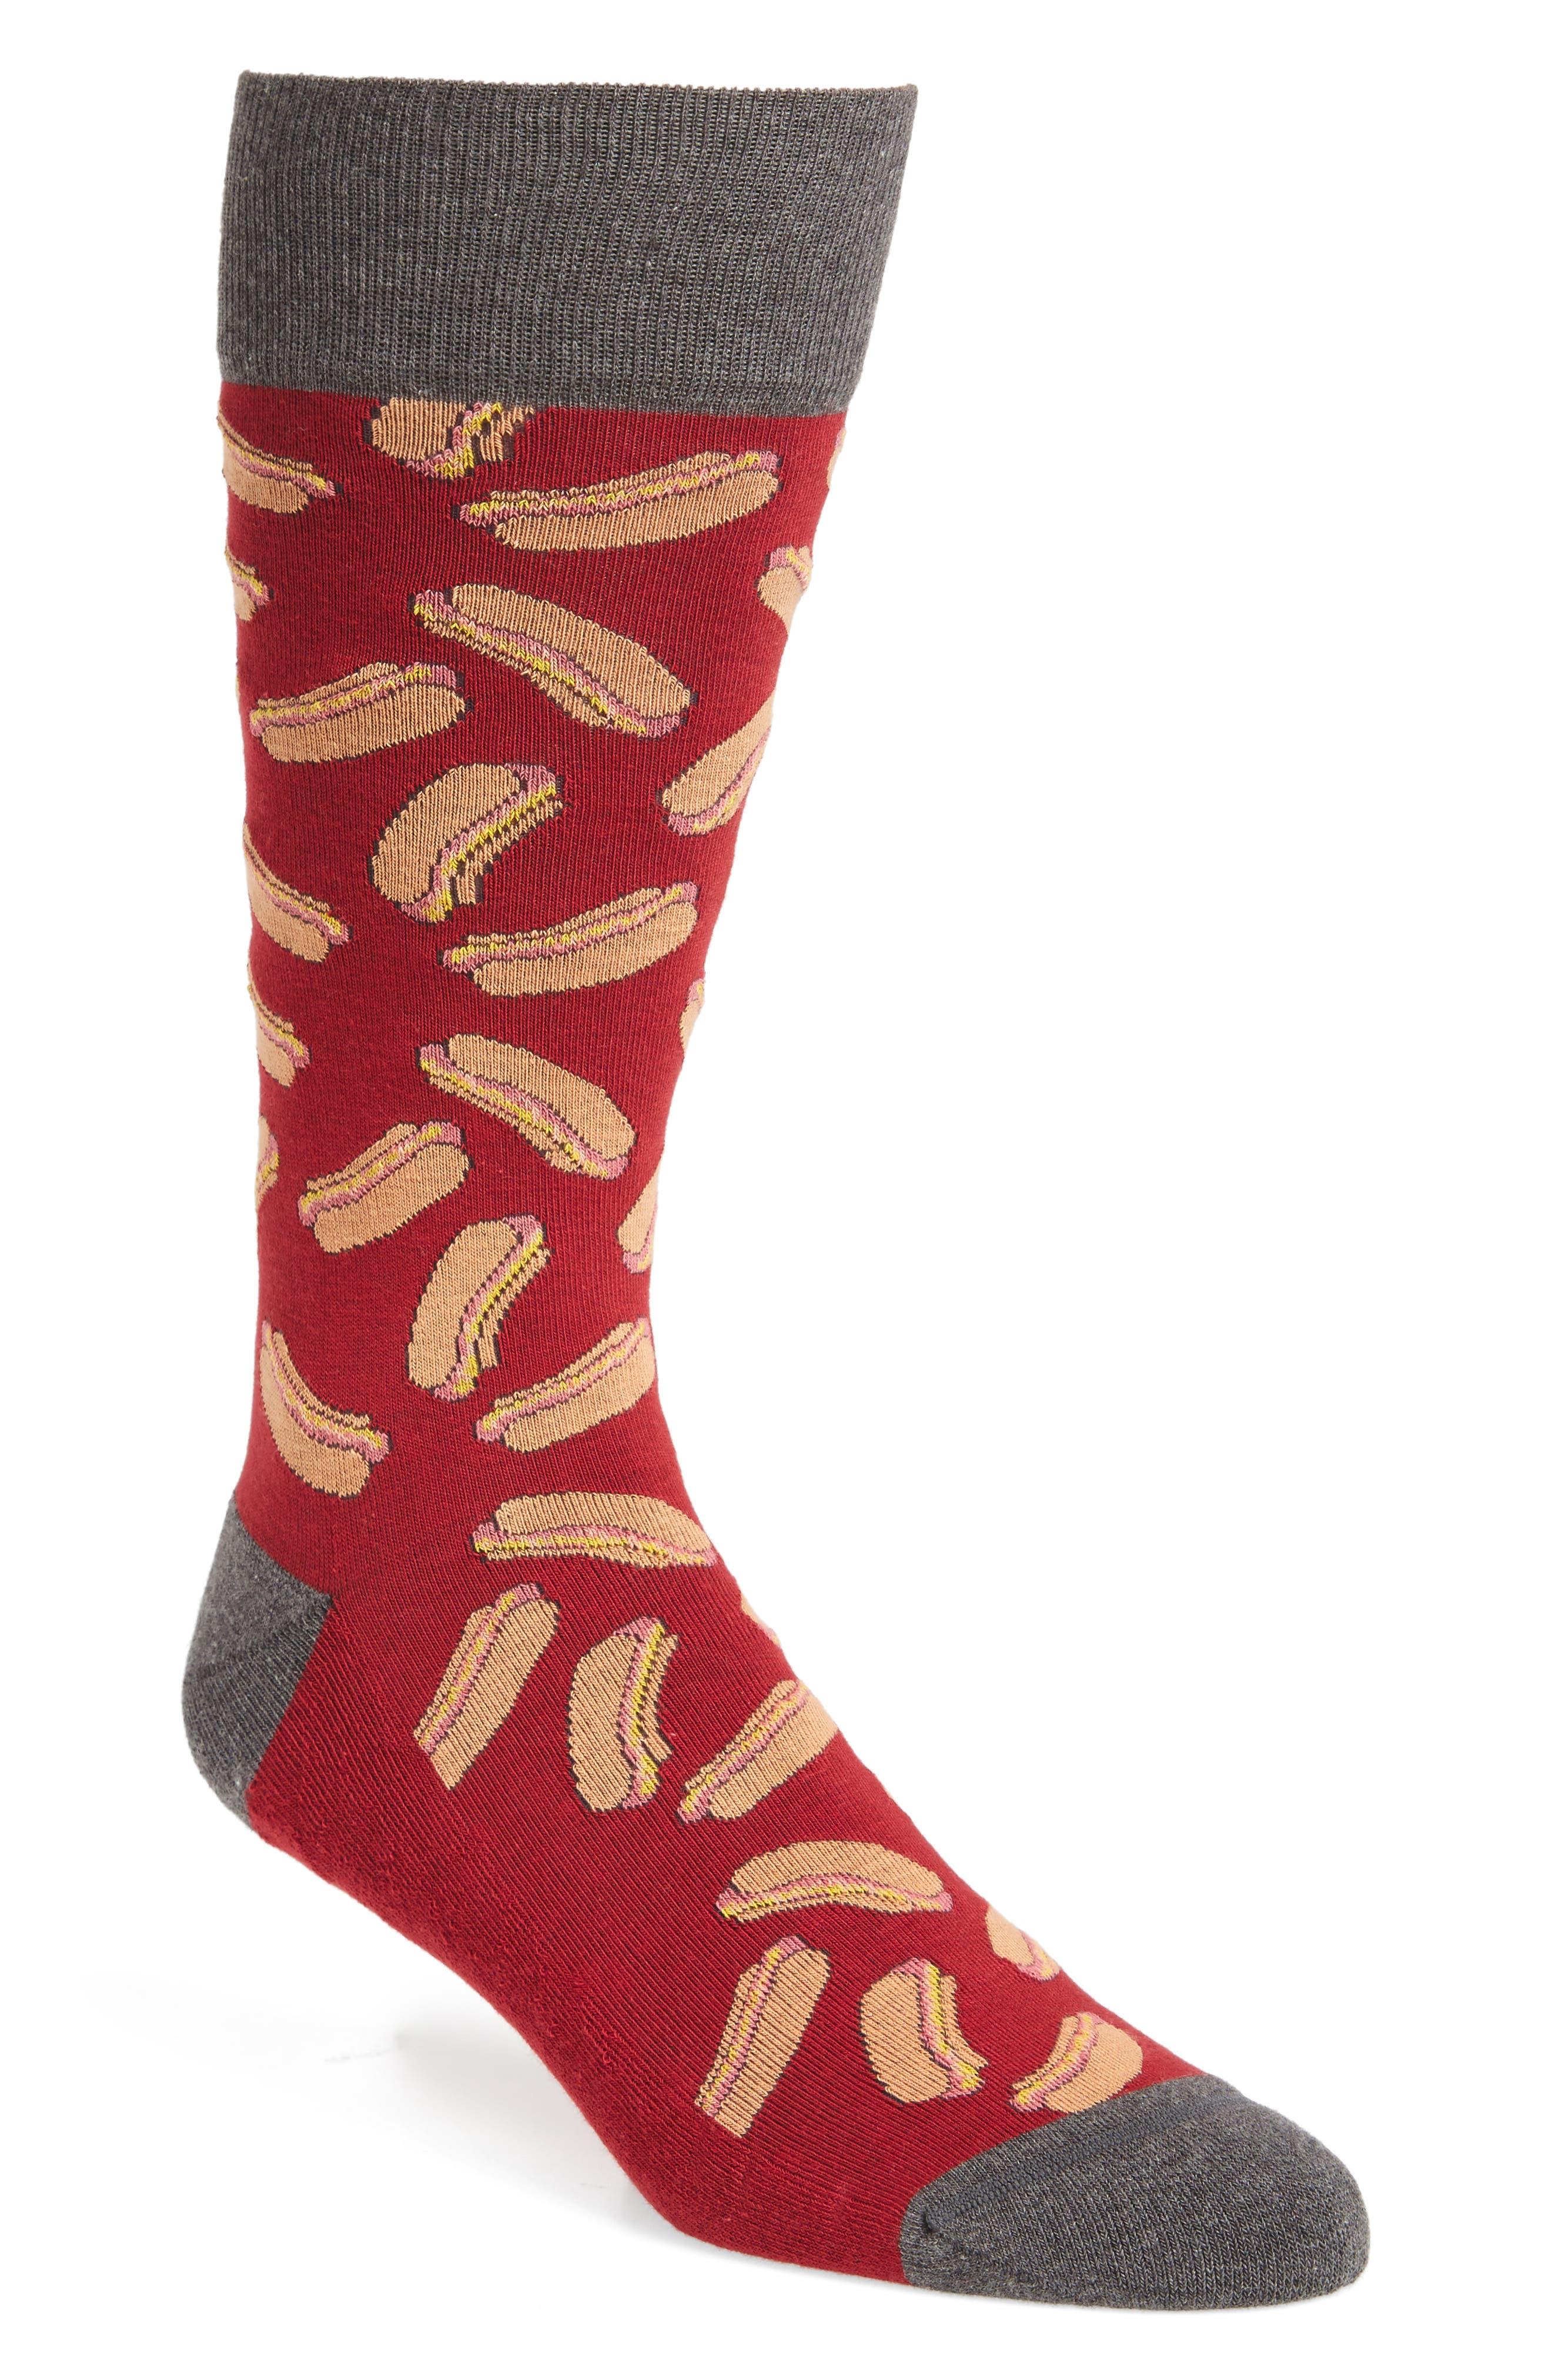 Alternate Image 1 Selected - Nordstrom Men's Shop Hot Dog Socks